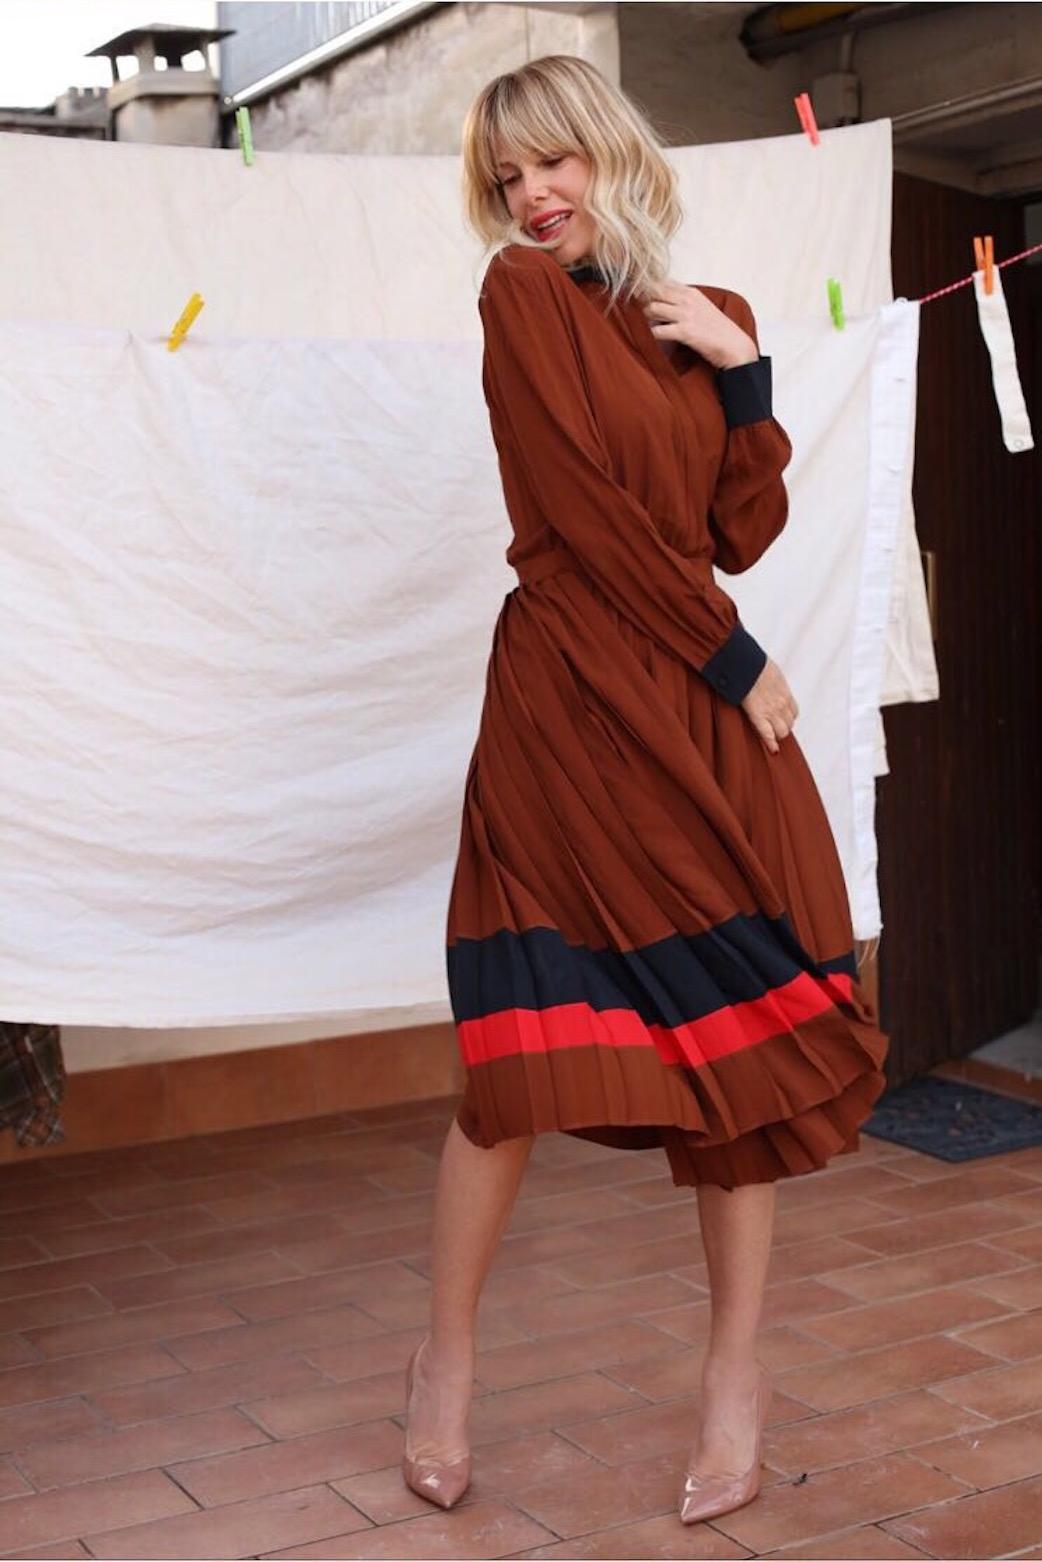 alessia-marcuzzi-terrazza-raffo-vestito9